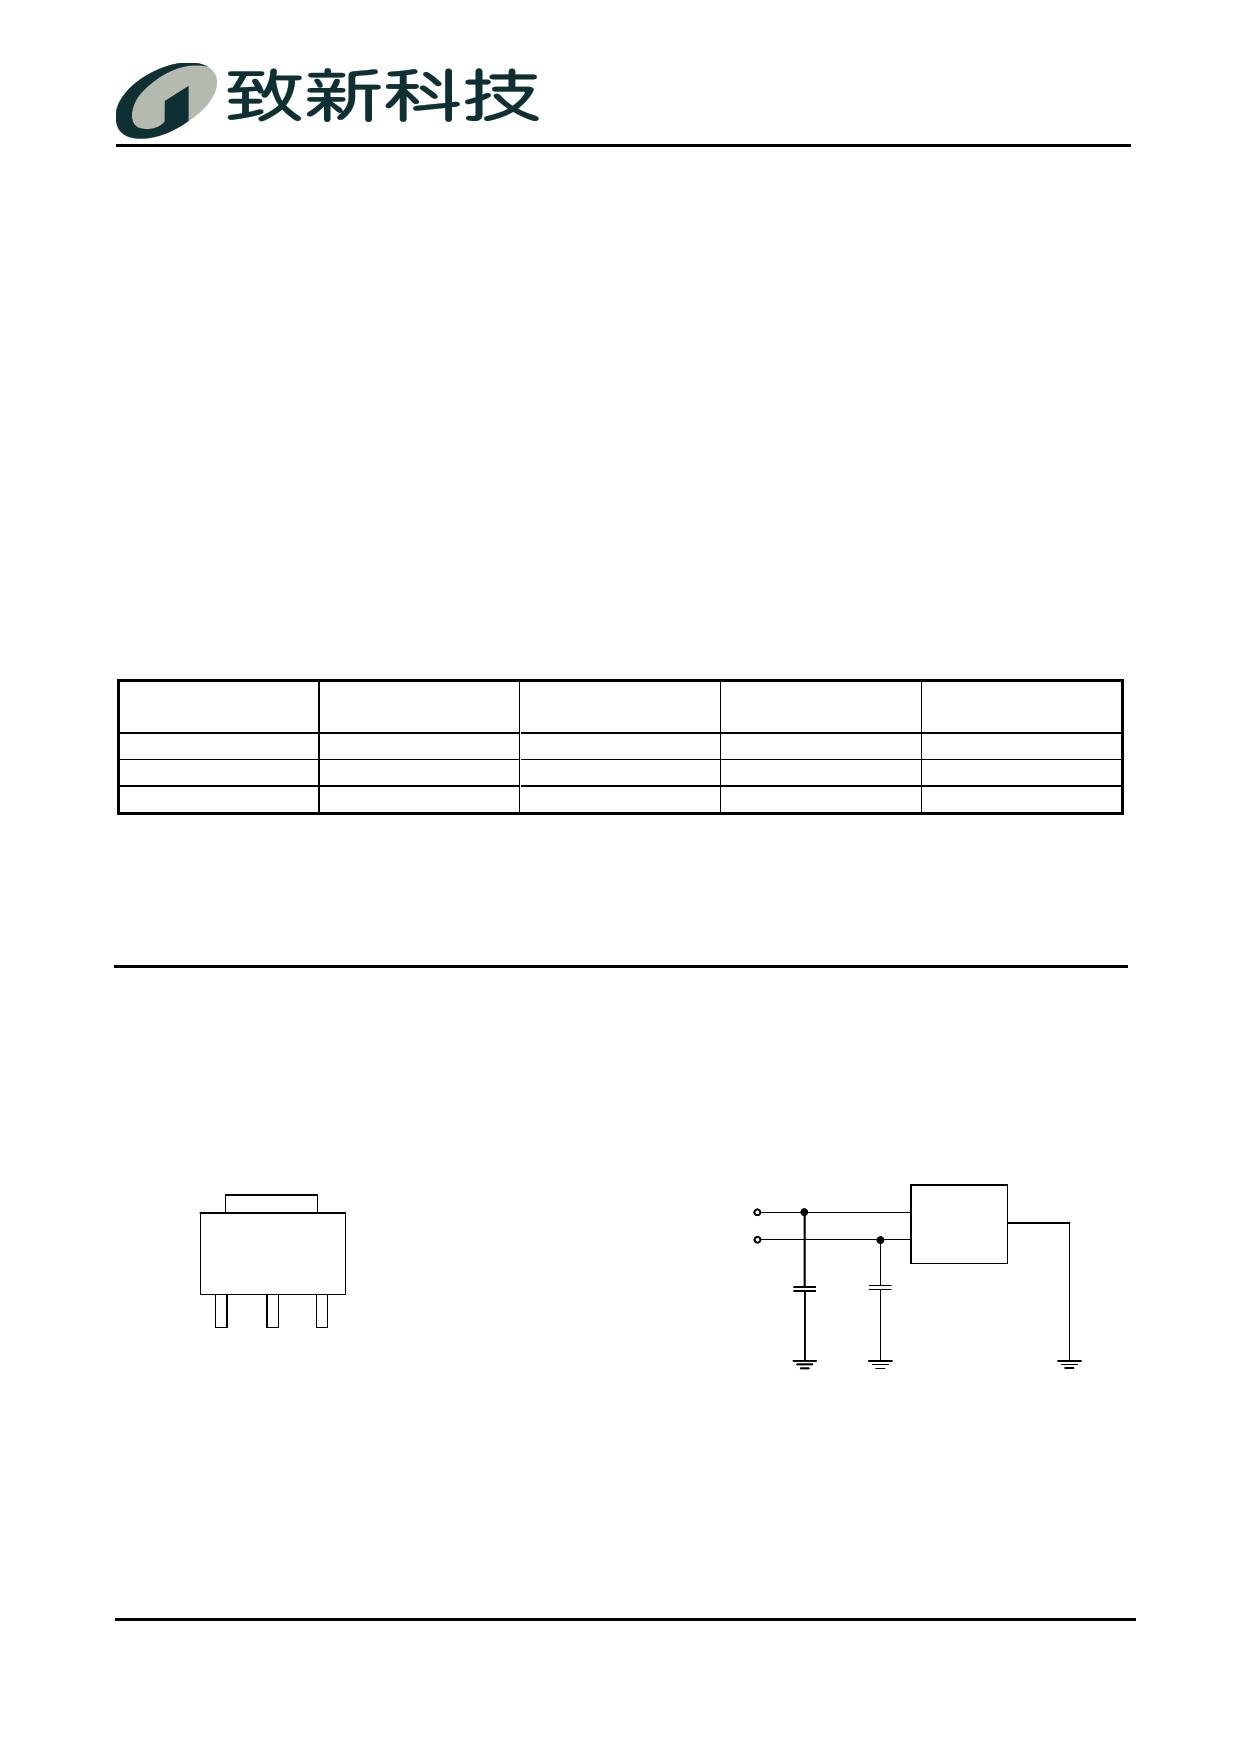 AT9910 Datasheet, AT9910 PDF,ピン配置, 機能